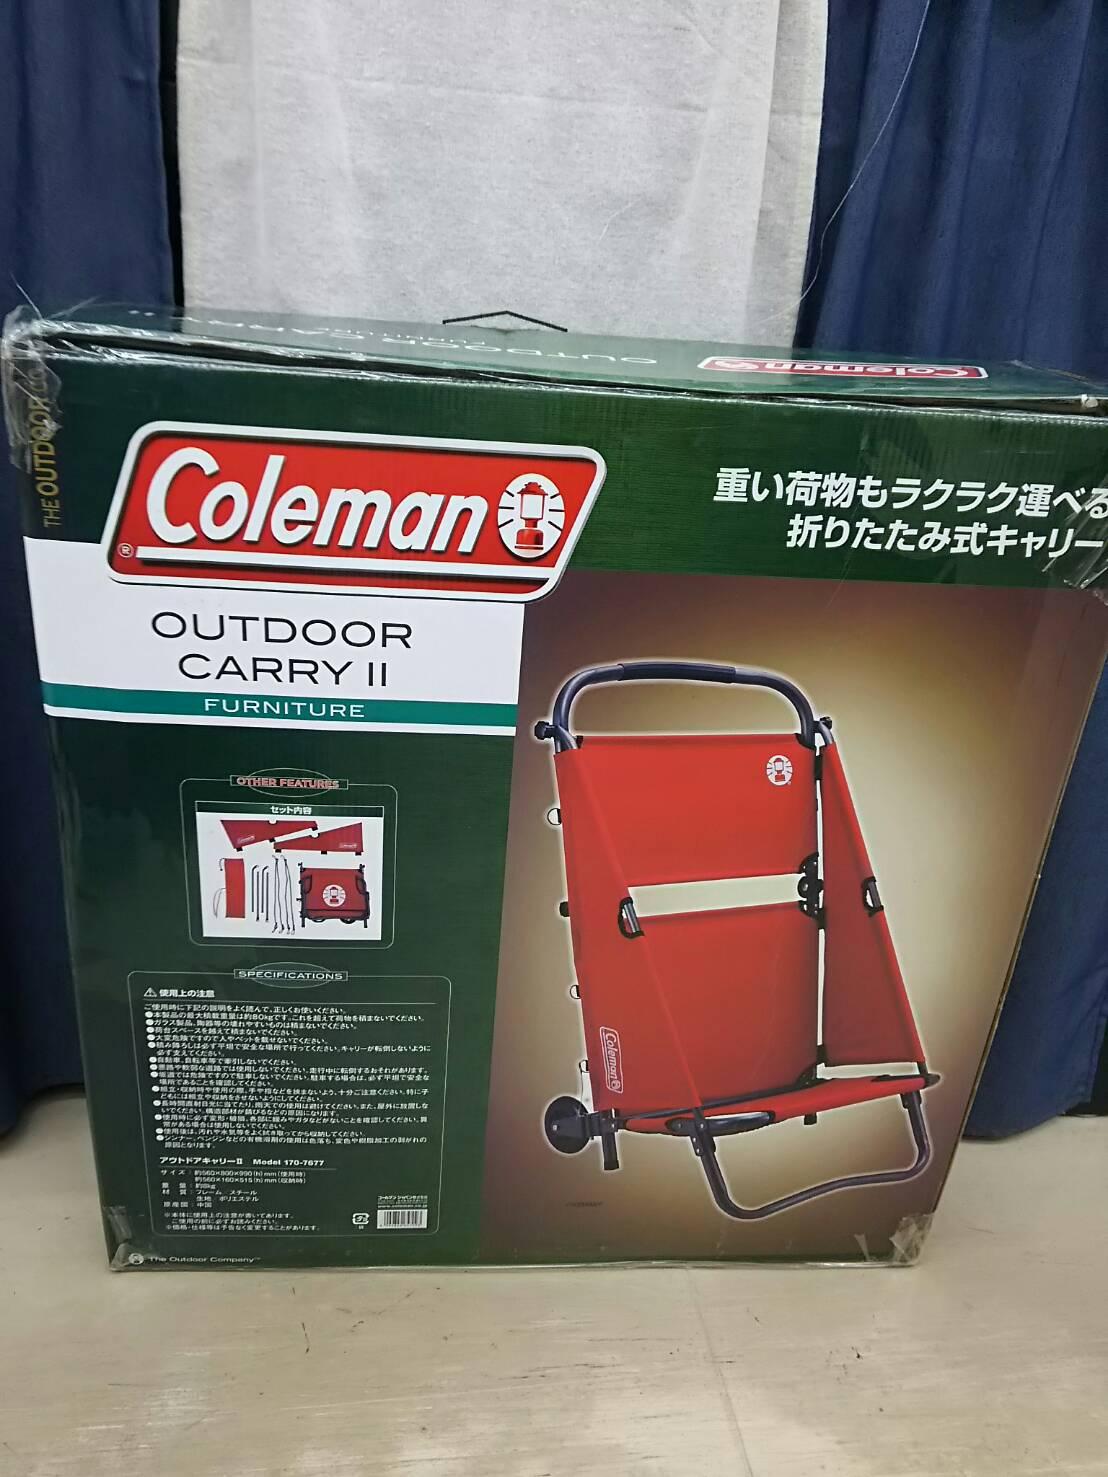 【Coleman コールマン 折りたたみ式キャリー 未使用品 OUTDOOR CARRY Ⅱ】を買取致しました!!の買取-